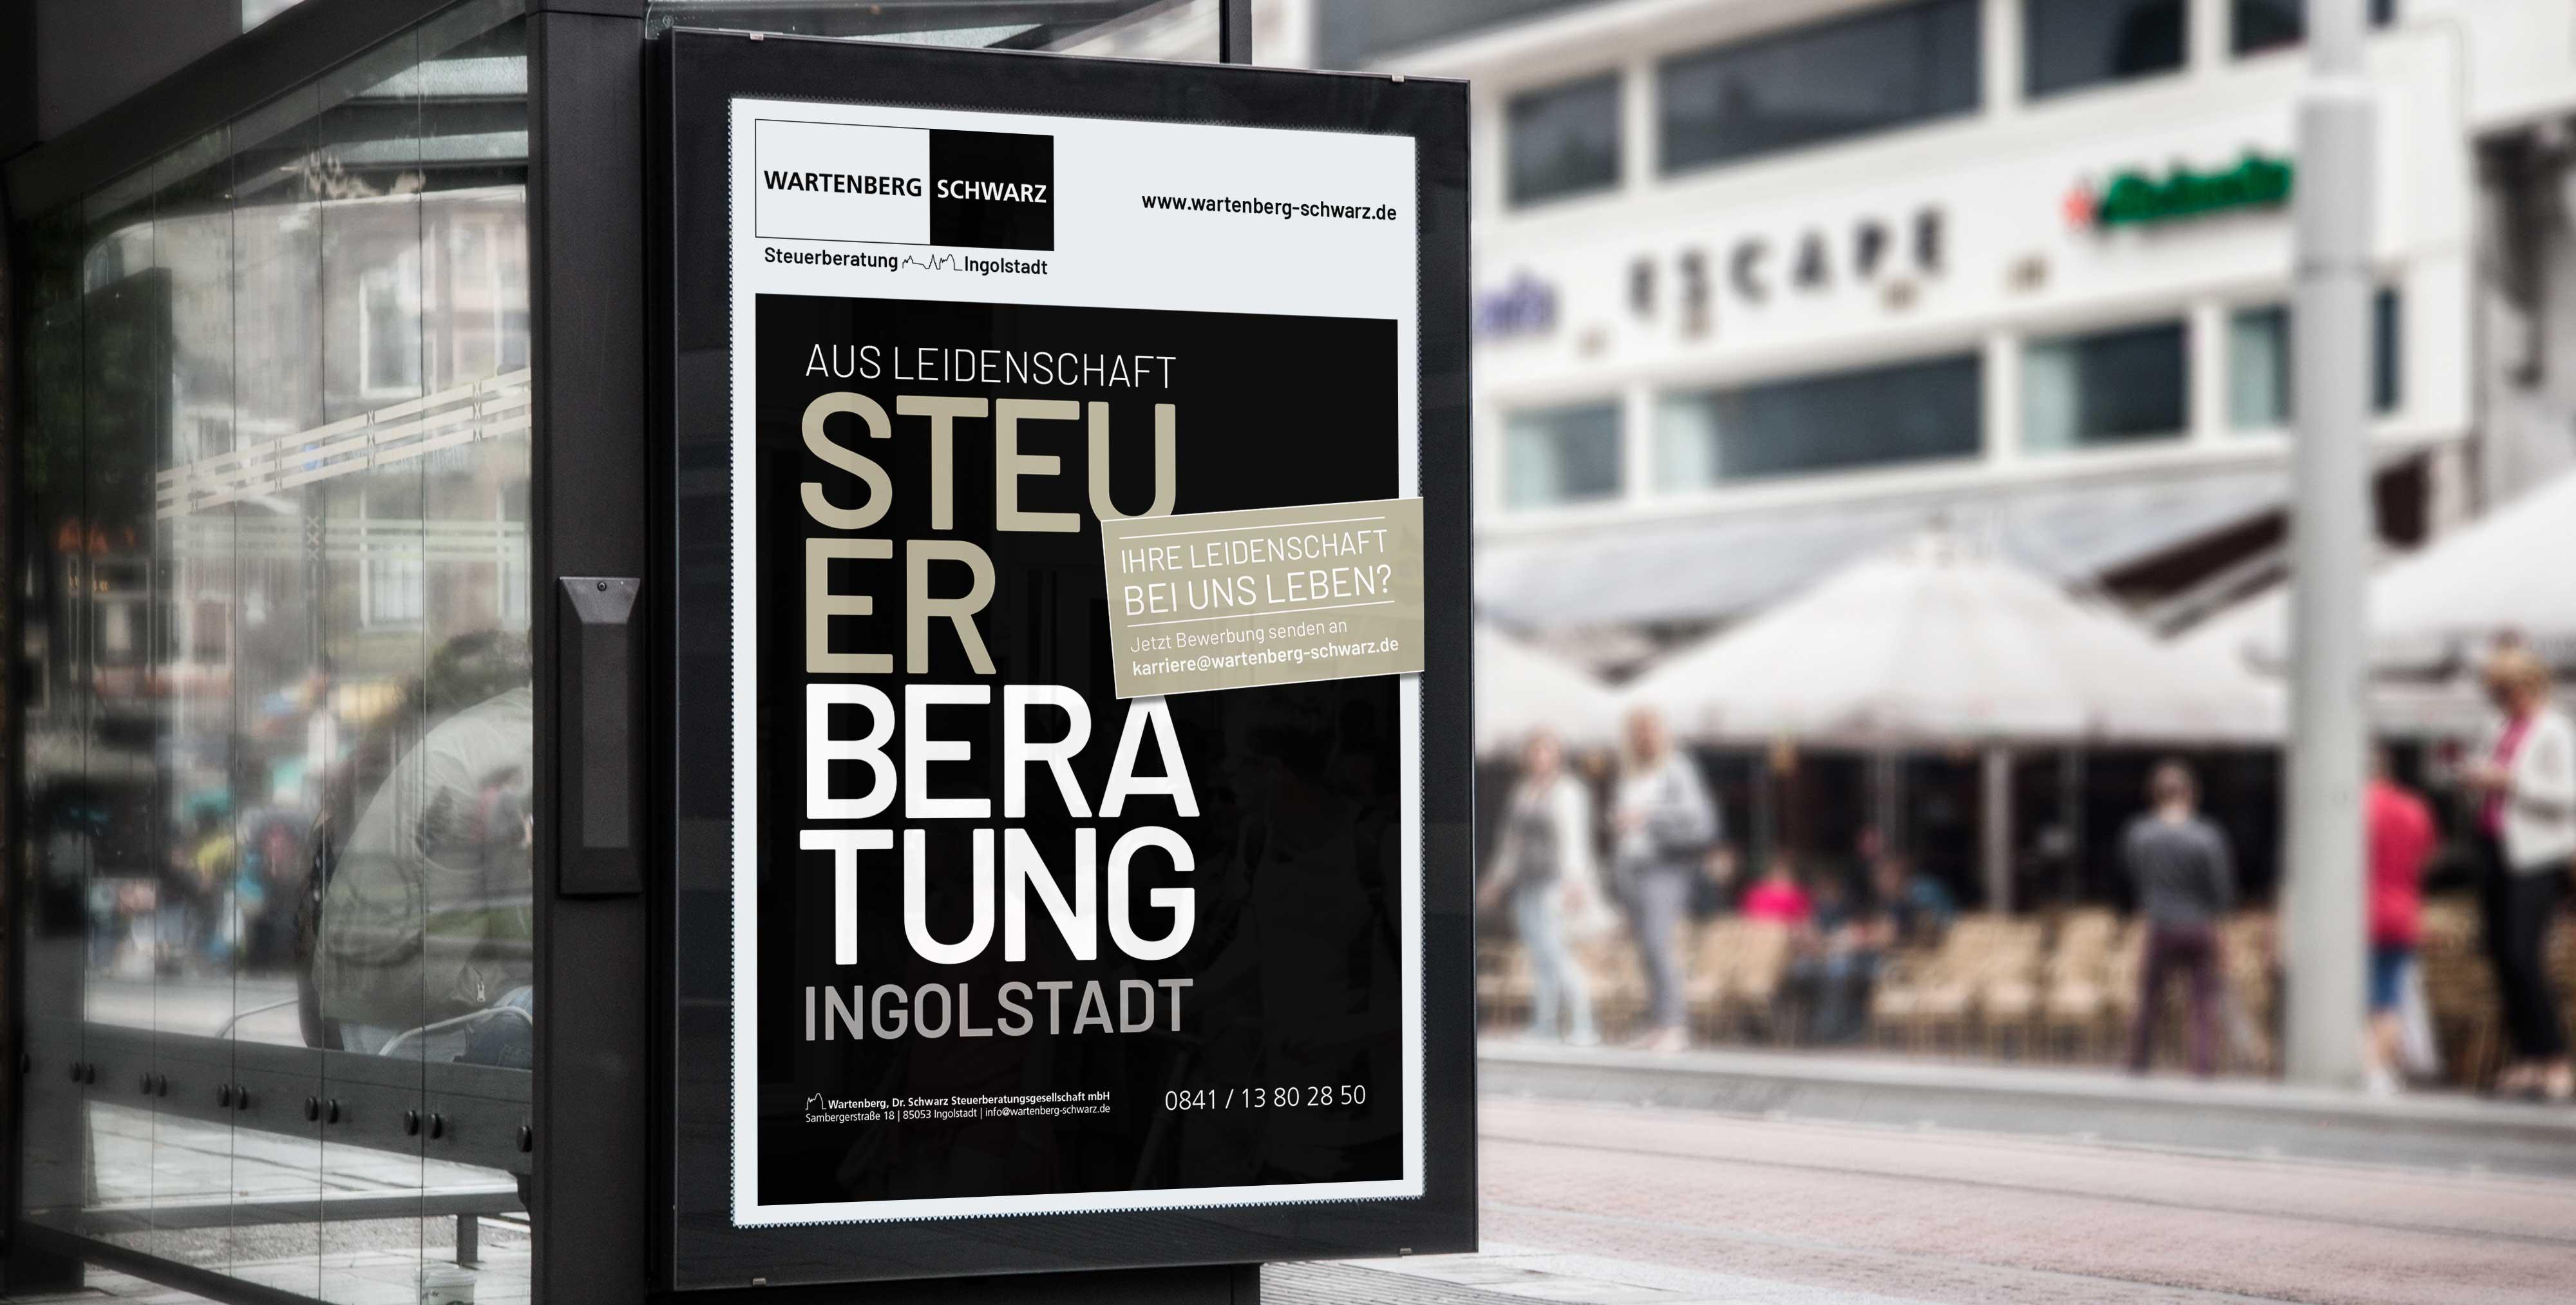 Imagekampagne für Steuerberatung in Ingolstadt Wartenberg / Dr. Schwarz